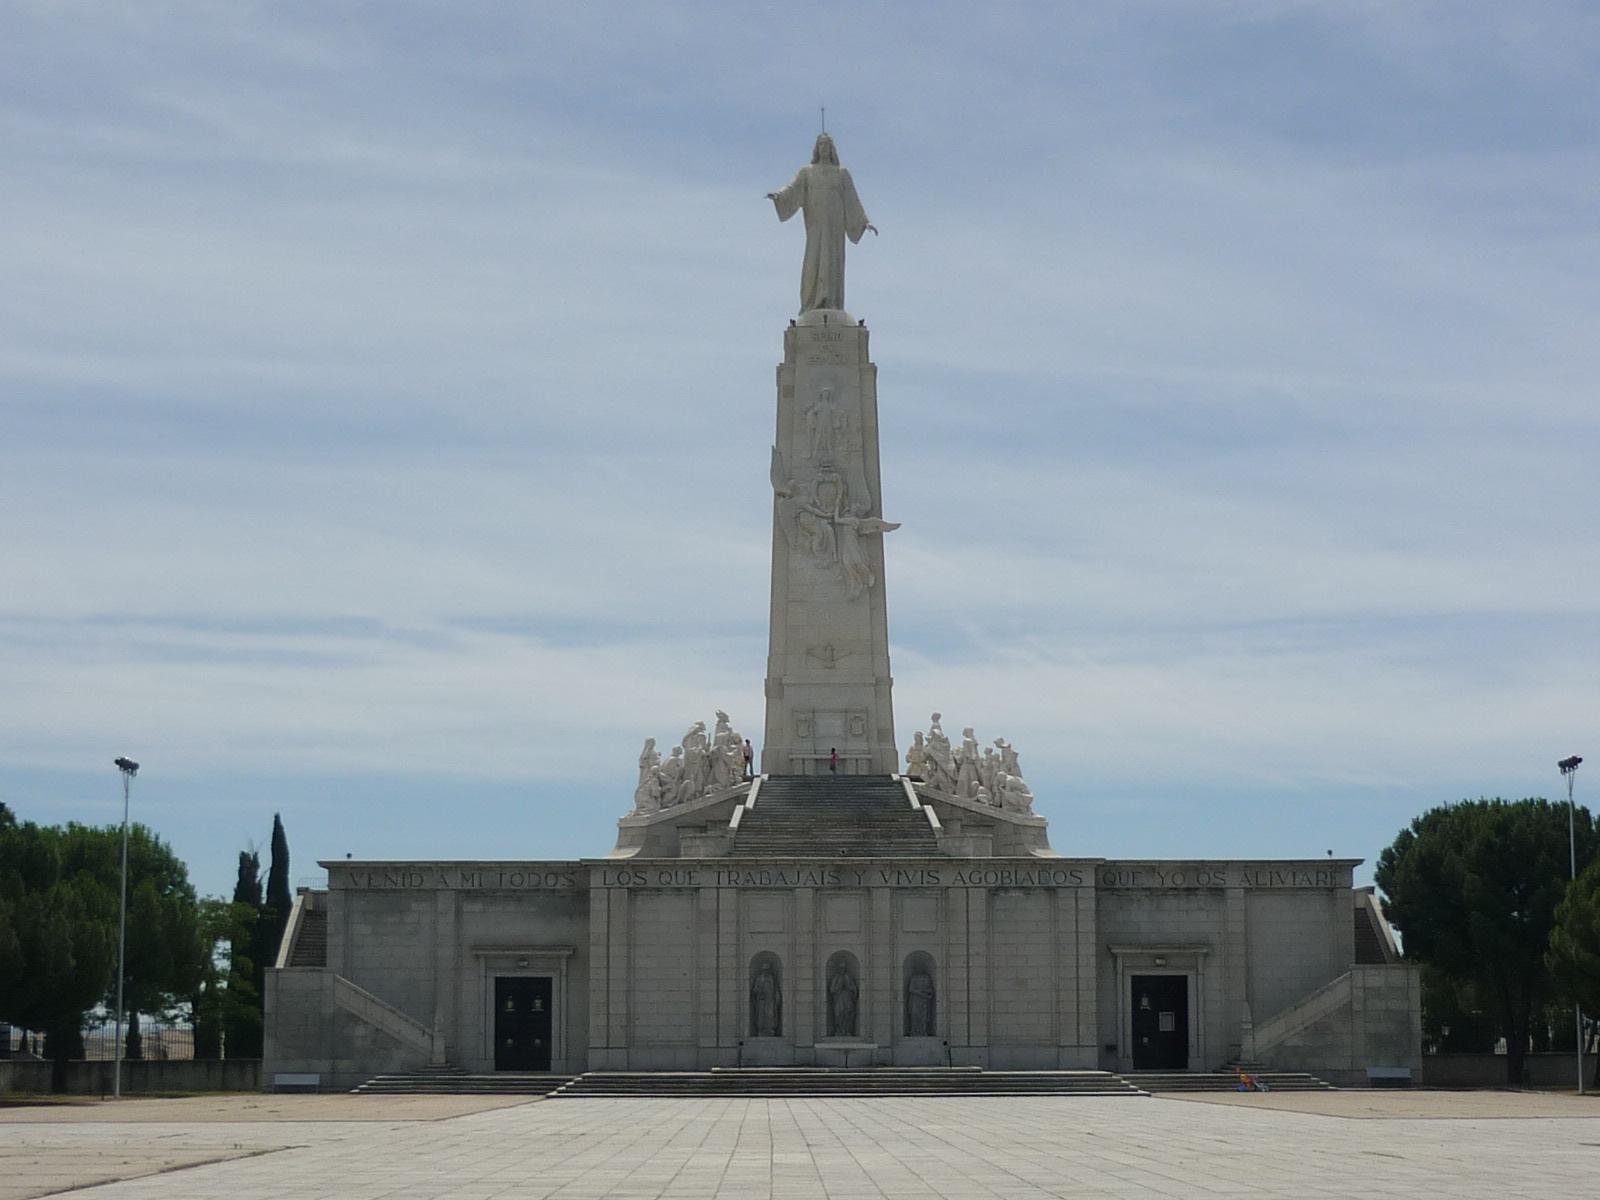 Monumento al Sagrado Corazón en el Cerro de los Ángeles, Getafe (Madrid, España).